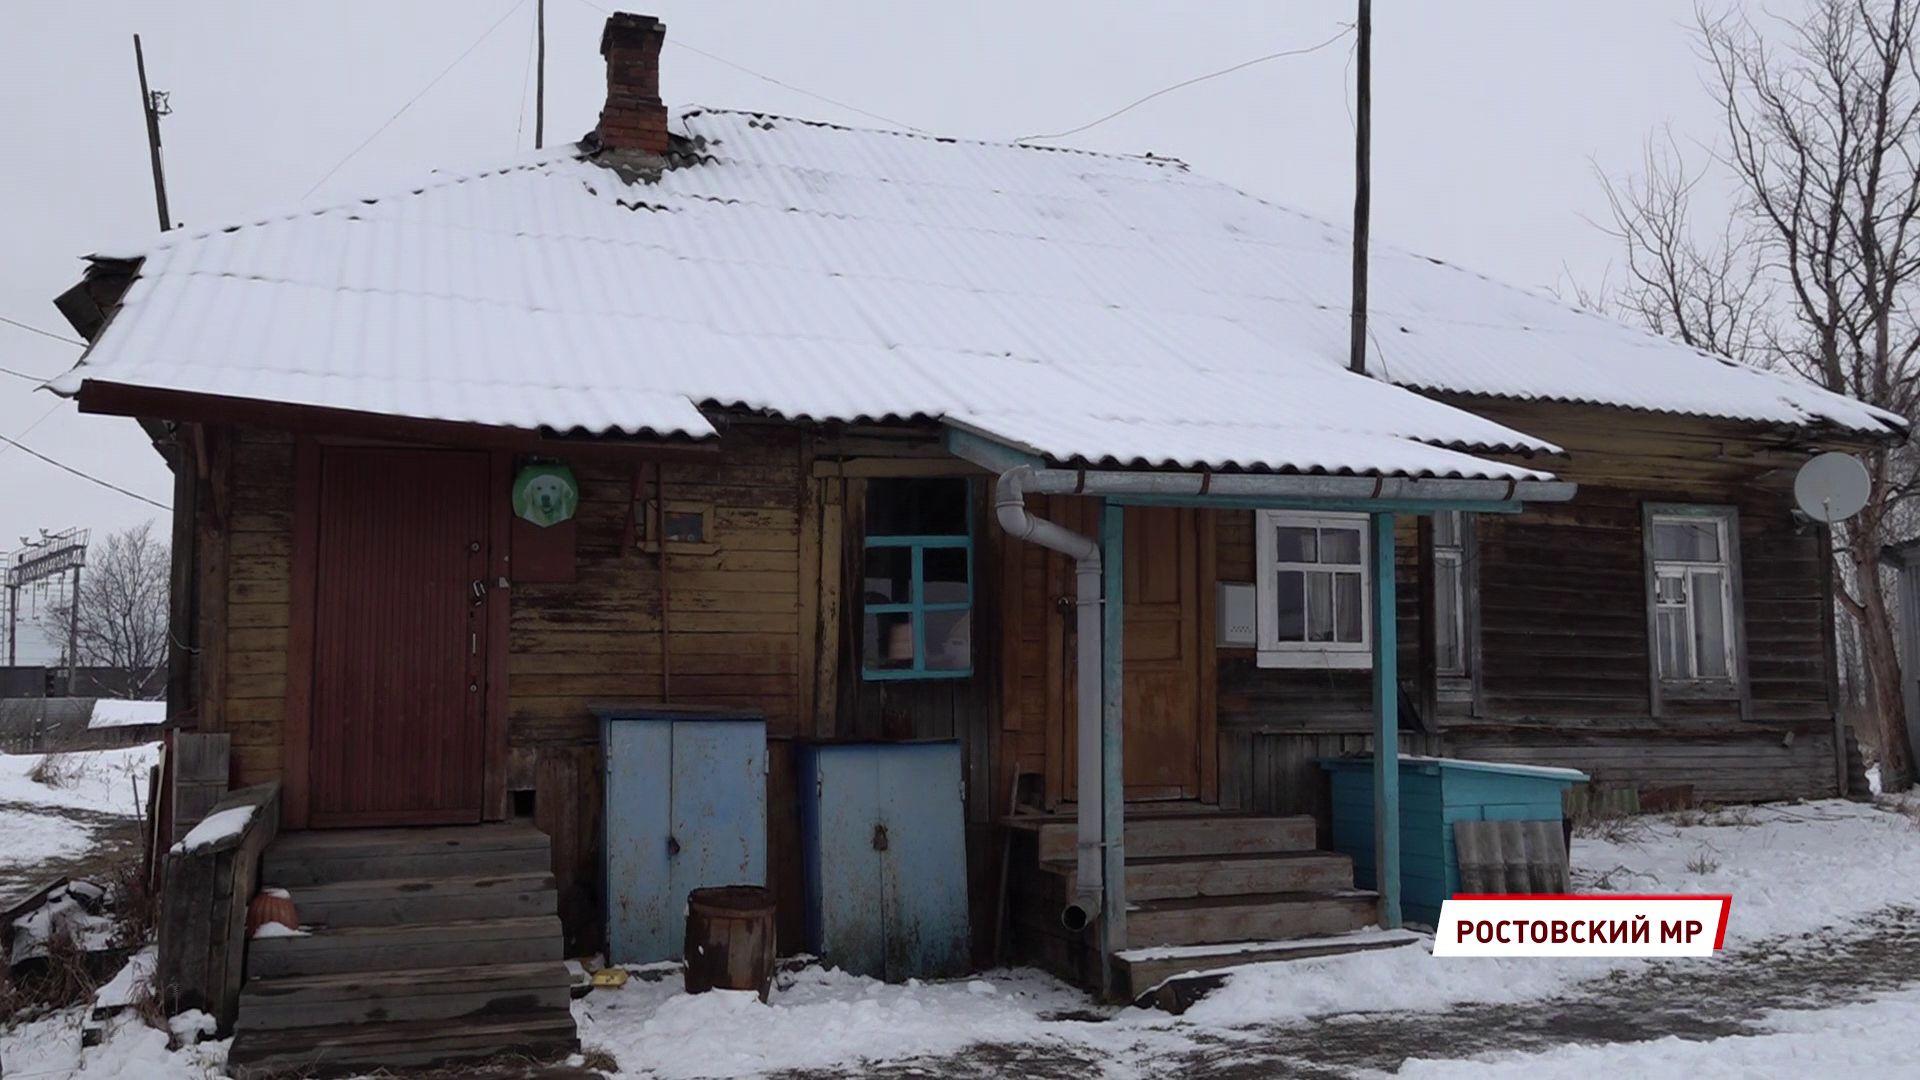 Пенсионерка из Ростовского района устала жить в одиночестве и ищет помощи